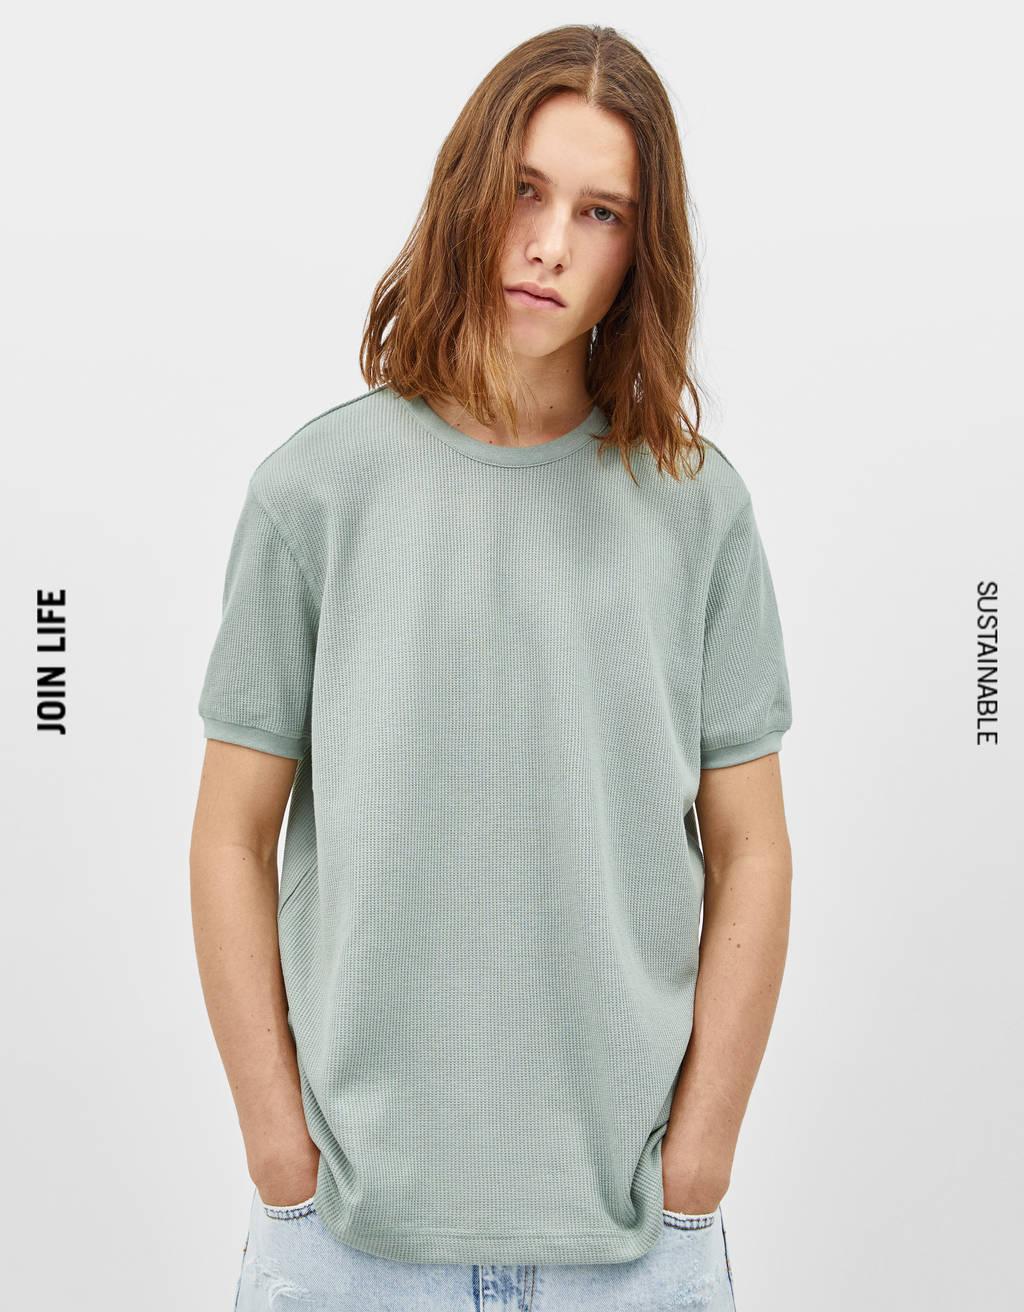 badcebcf514d Men's T-Shirts - Spring Summer 2019 | Bershka